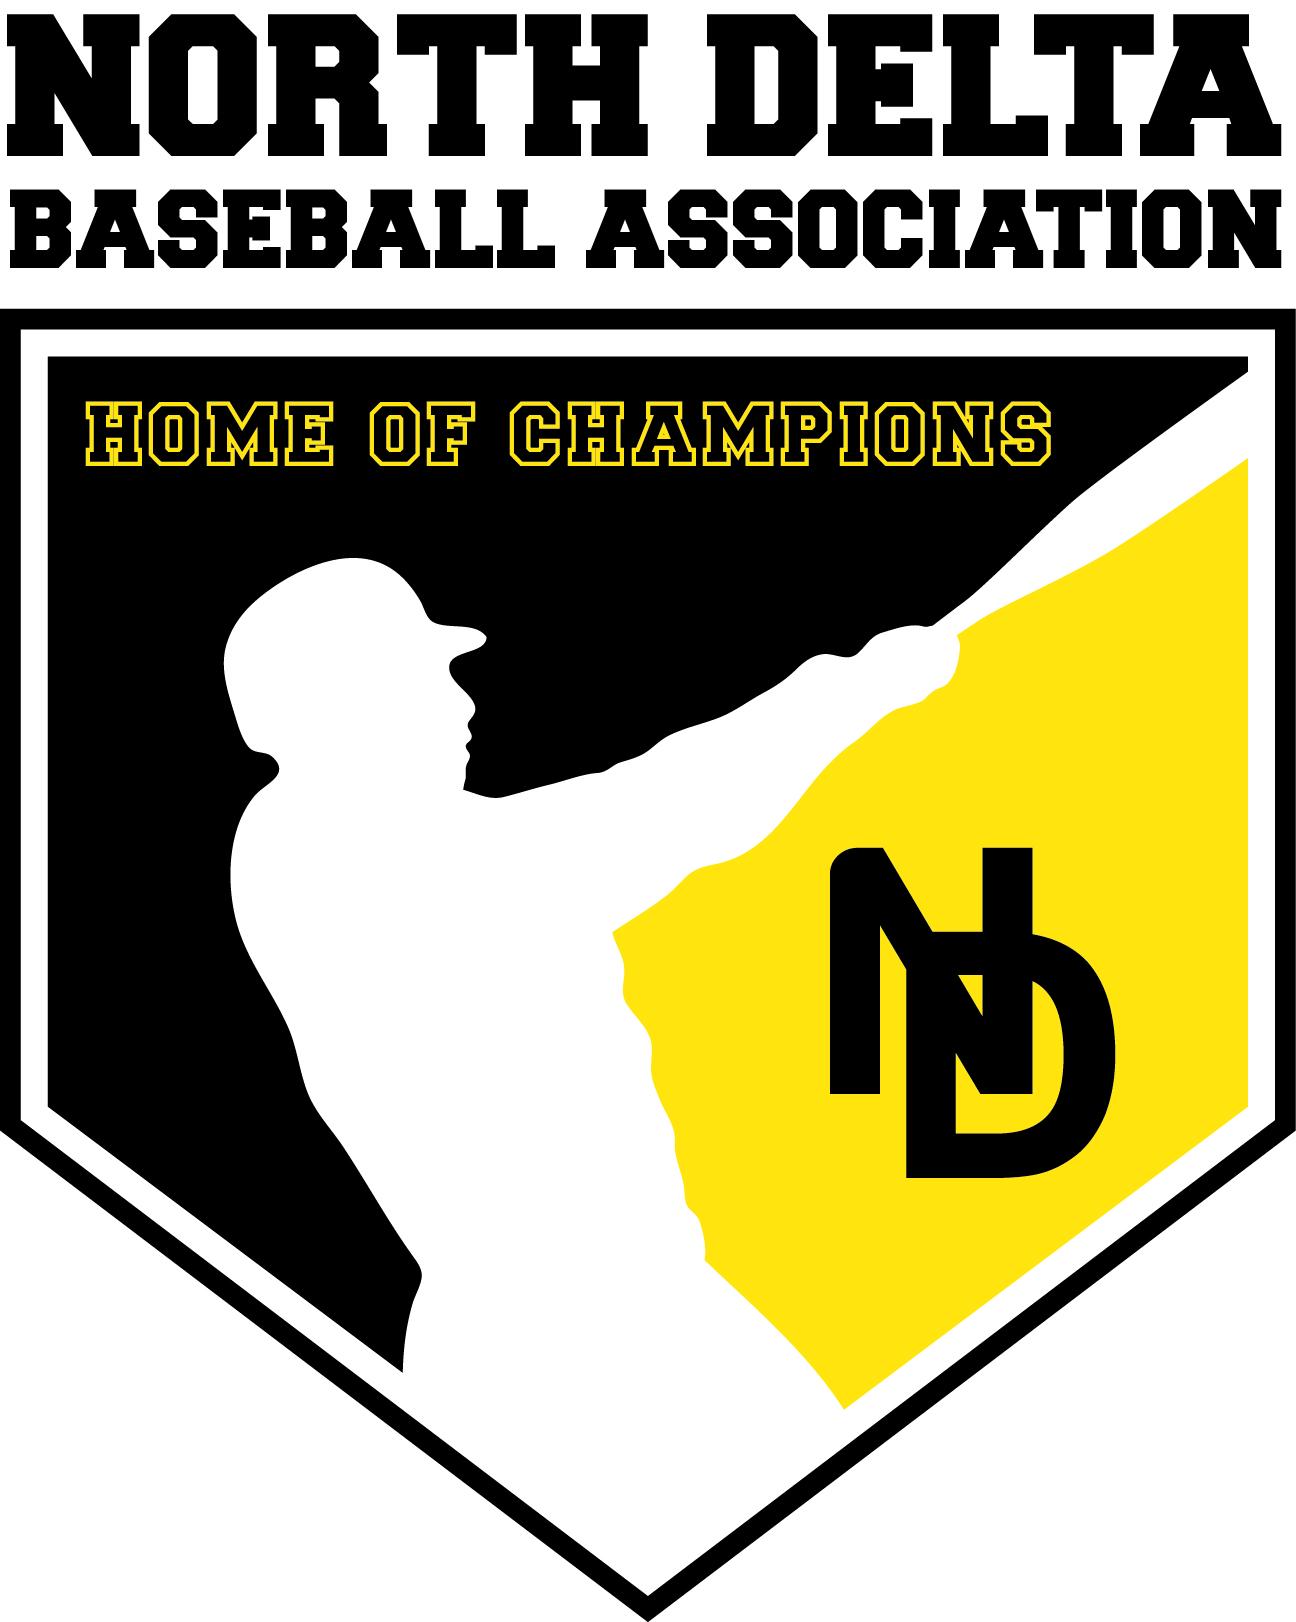 North delta baseball